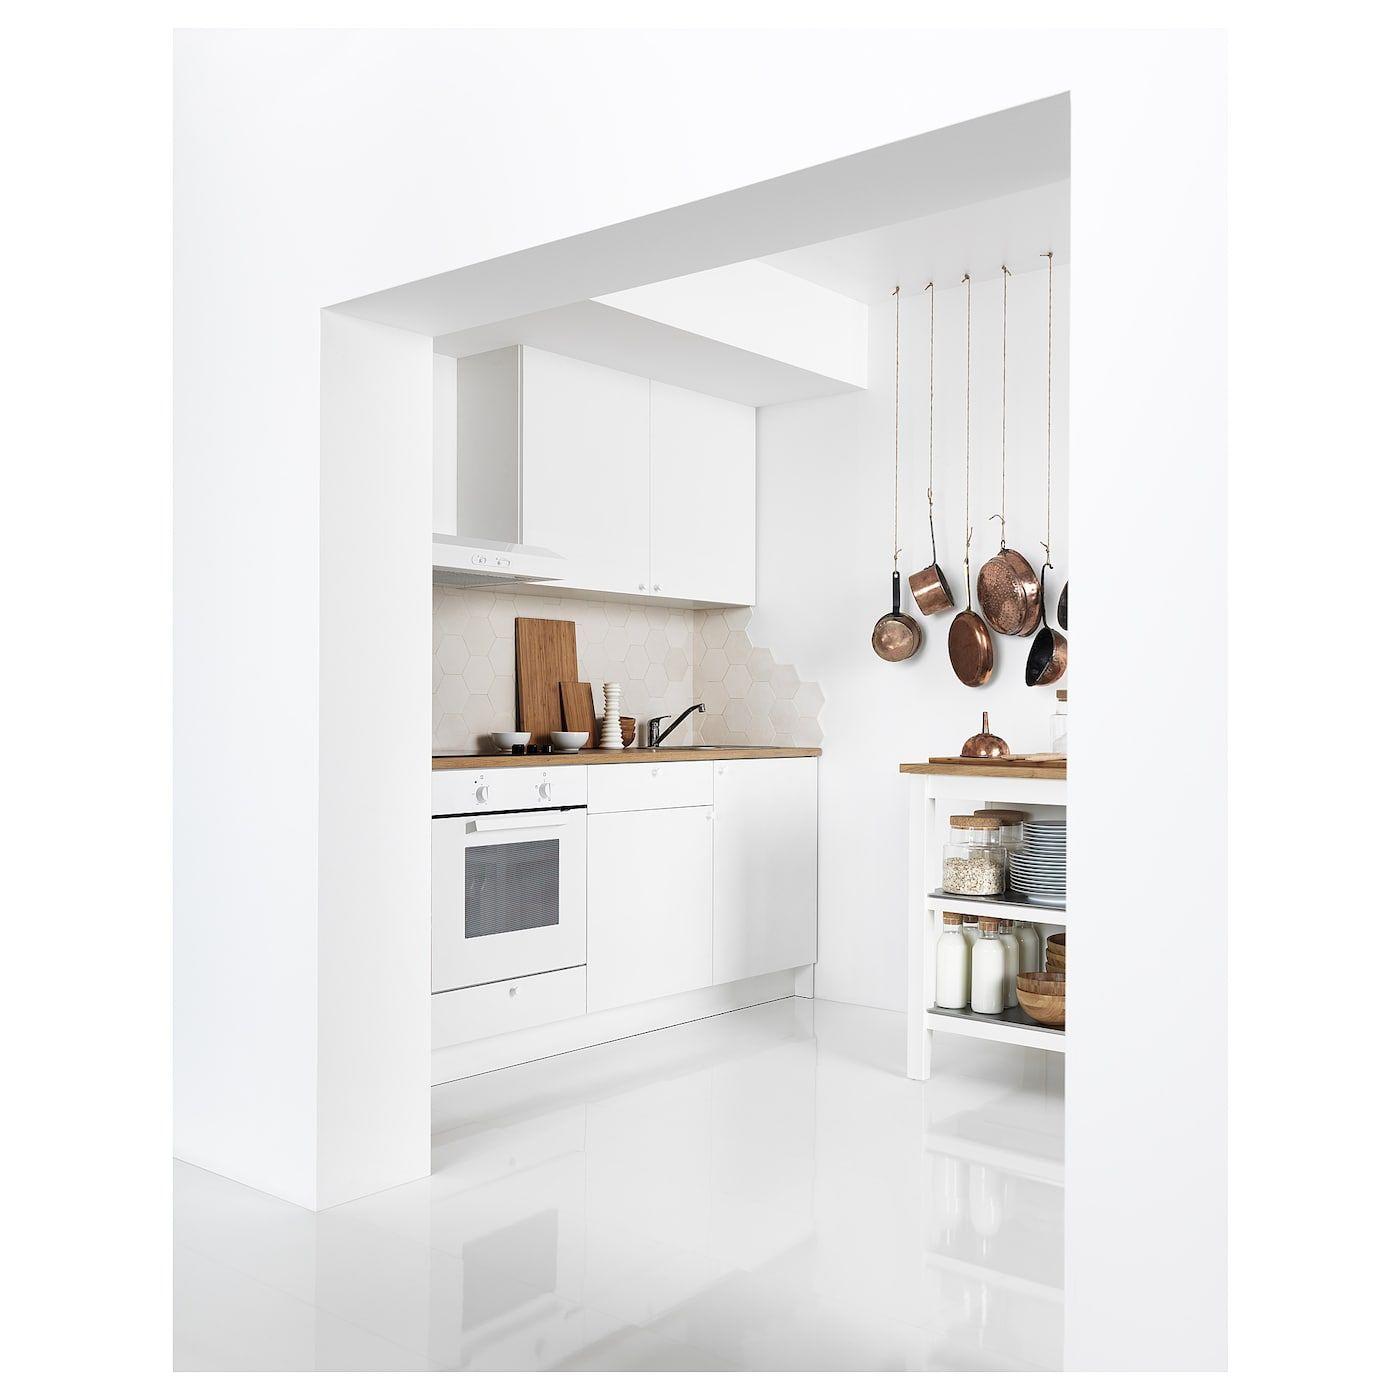 Cucina Piccola Angolare Ikea knoxhult cucina - bianco - ikea | kleine küche einrichten